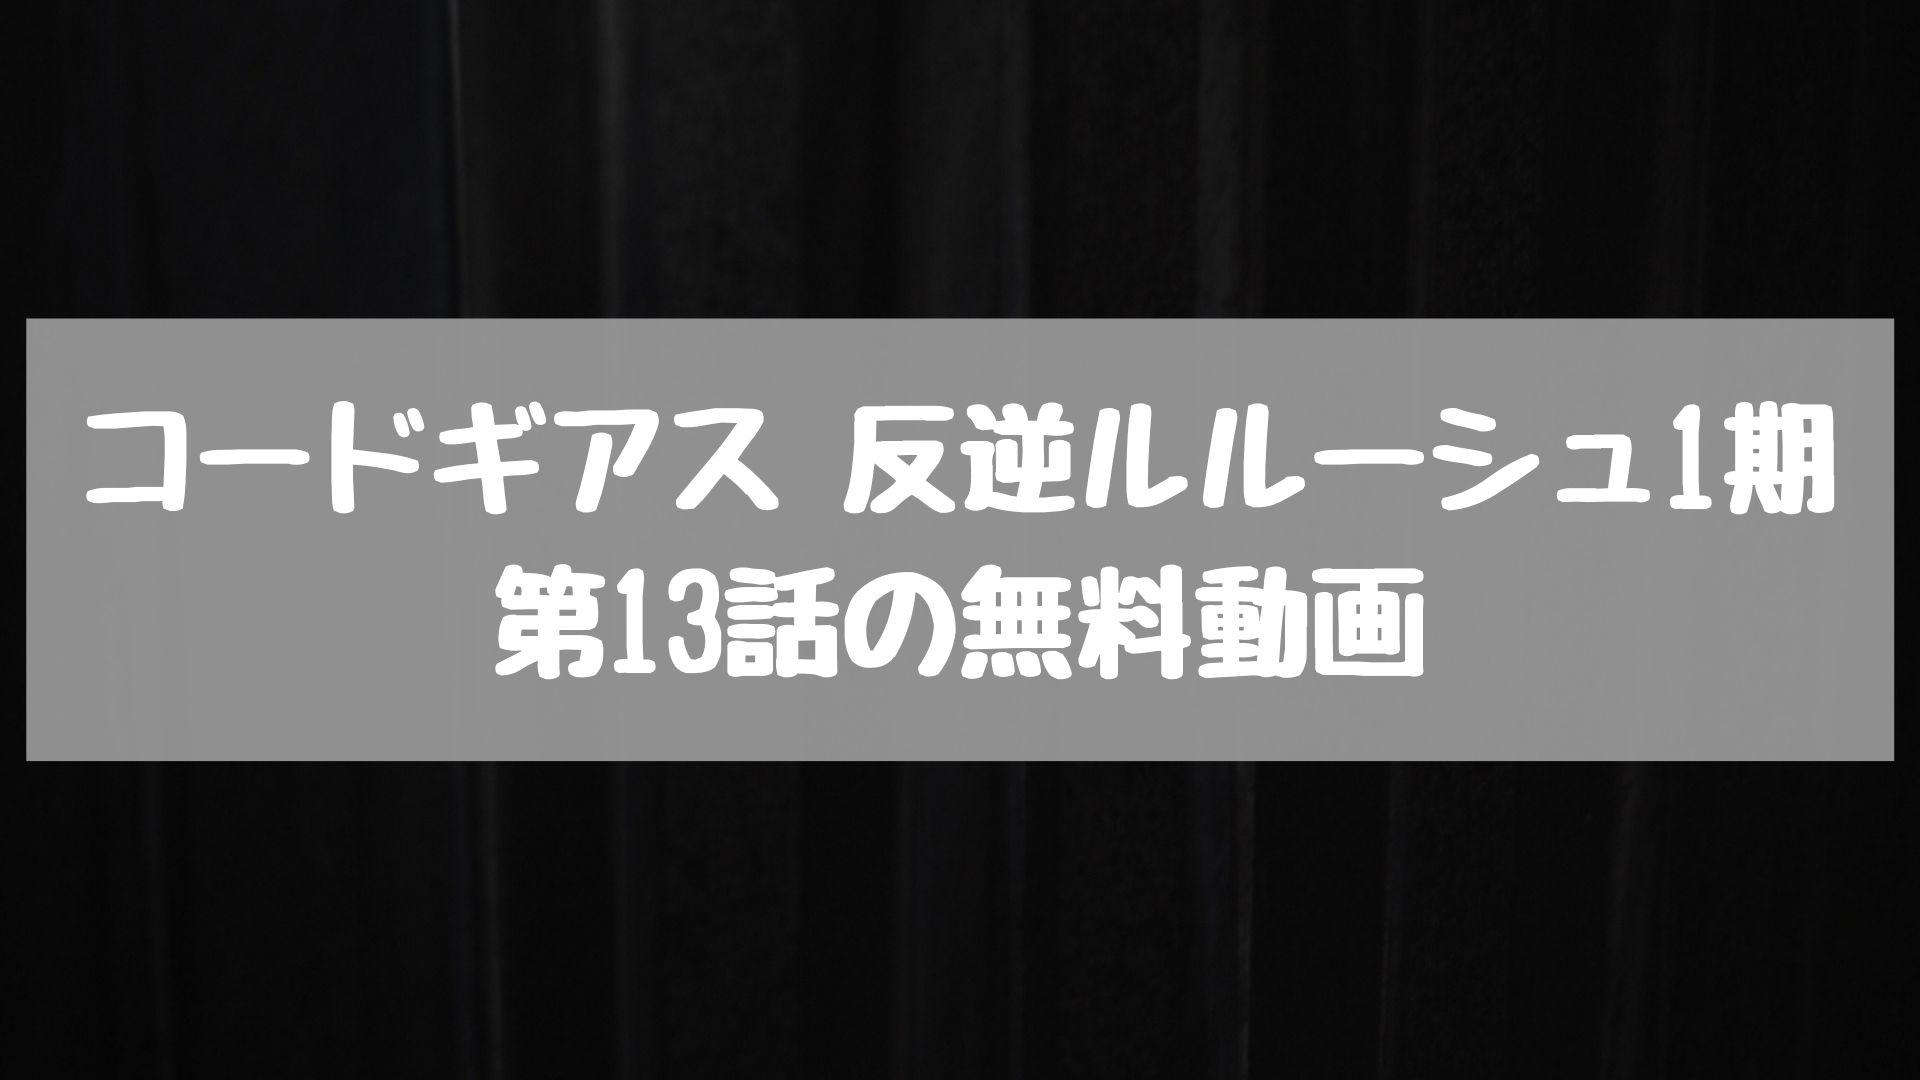 コードギアス 反逆ルルーシュ1期 第13話の無料動画